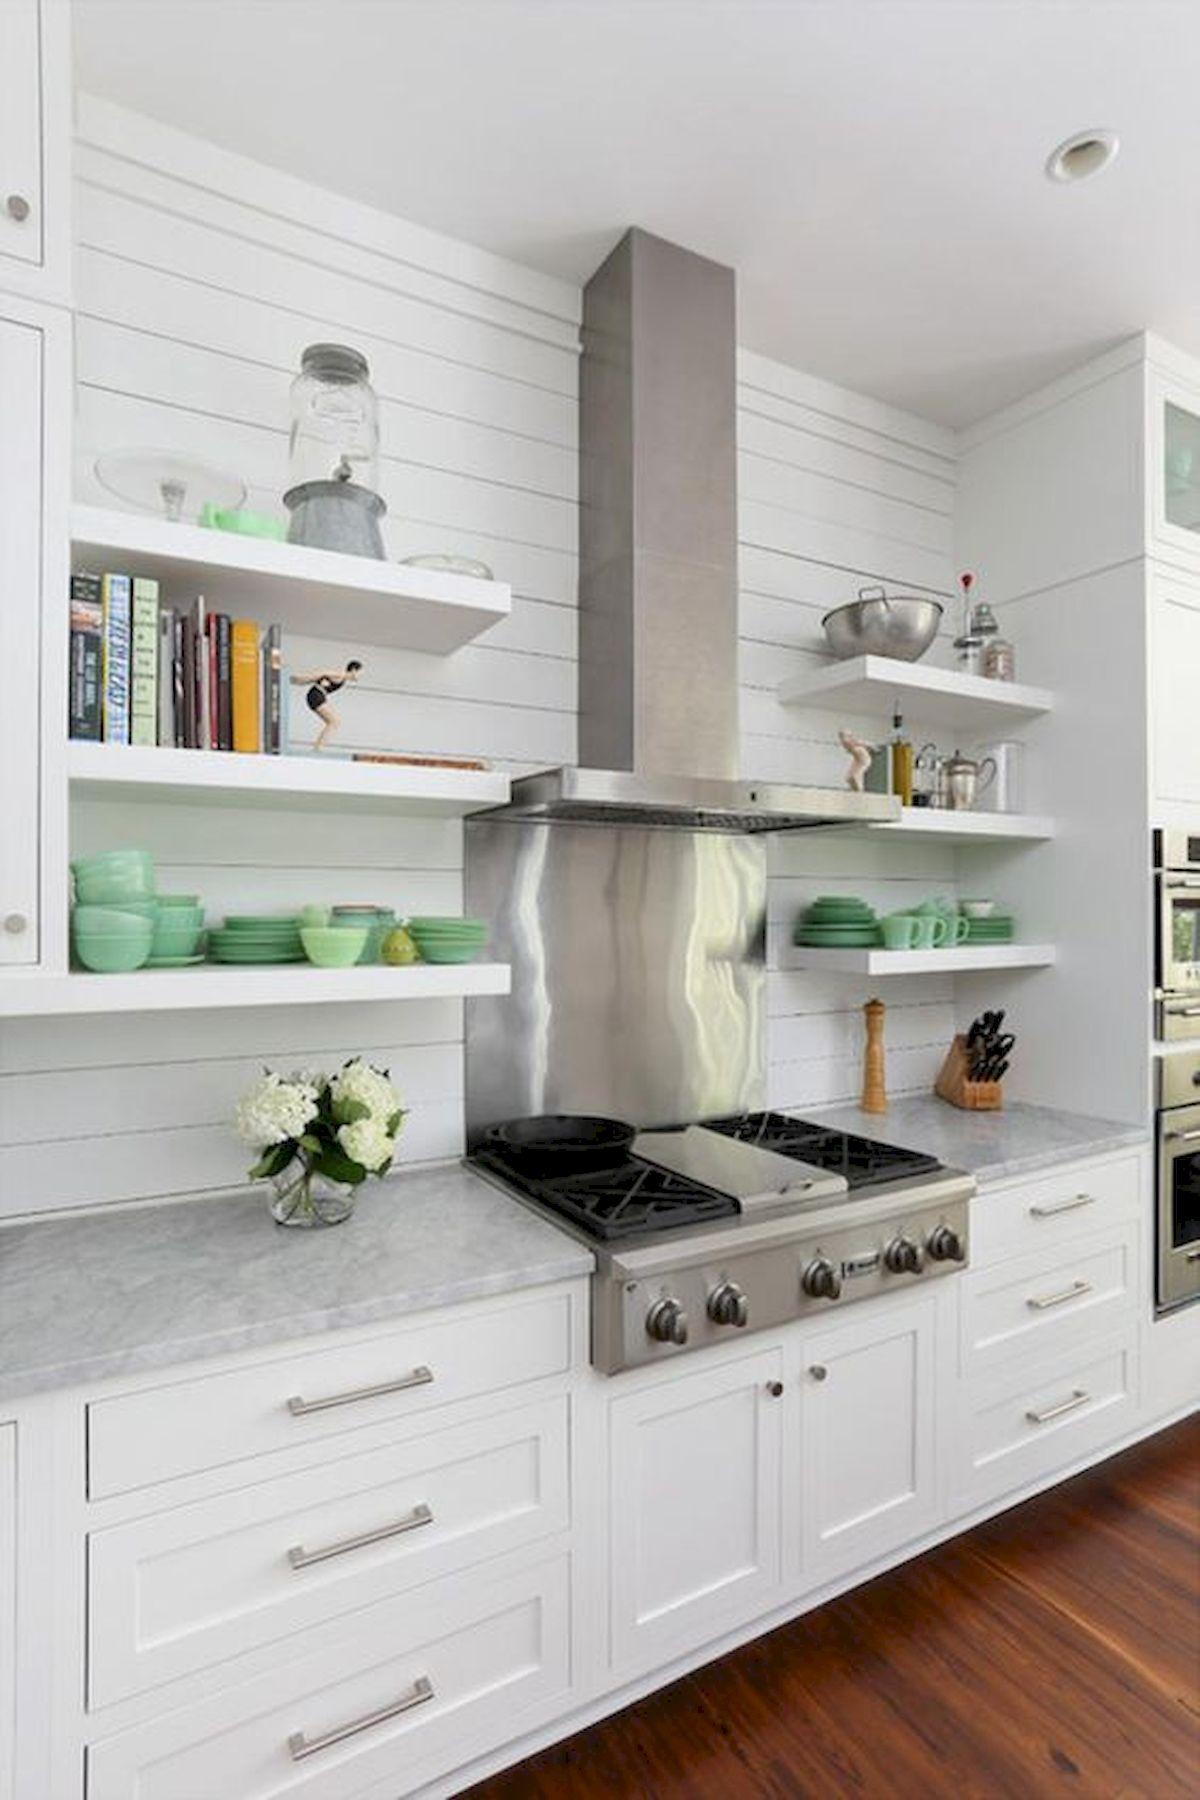 46 Creative DIY Small Kitchen Storage Ideas (2)